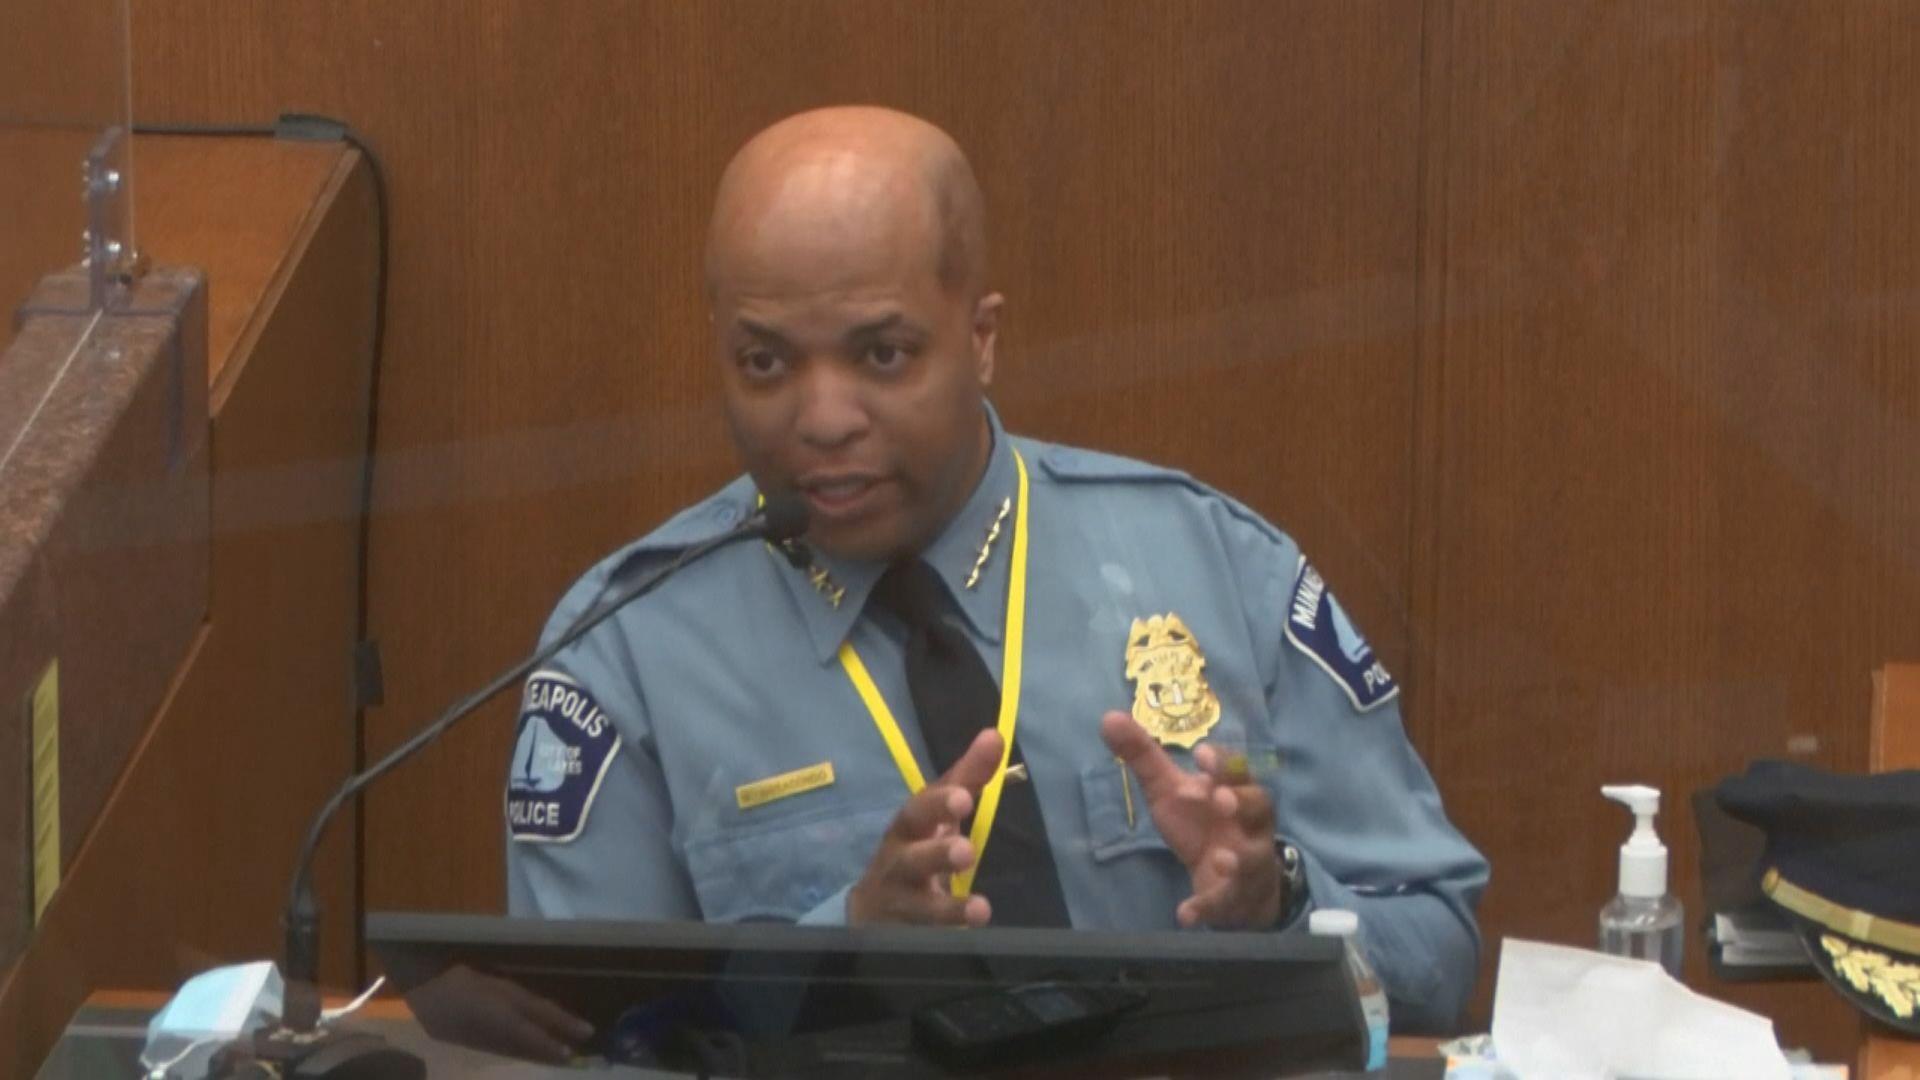 弗洛伊德案 涉事警員肖萬上司指跪頸方式有違警隊訓練